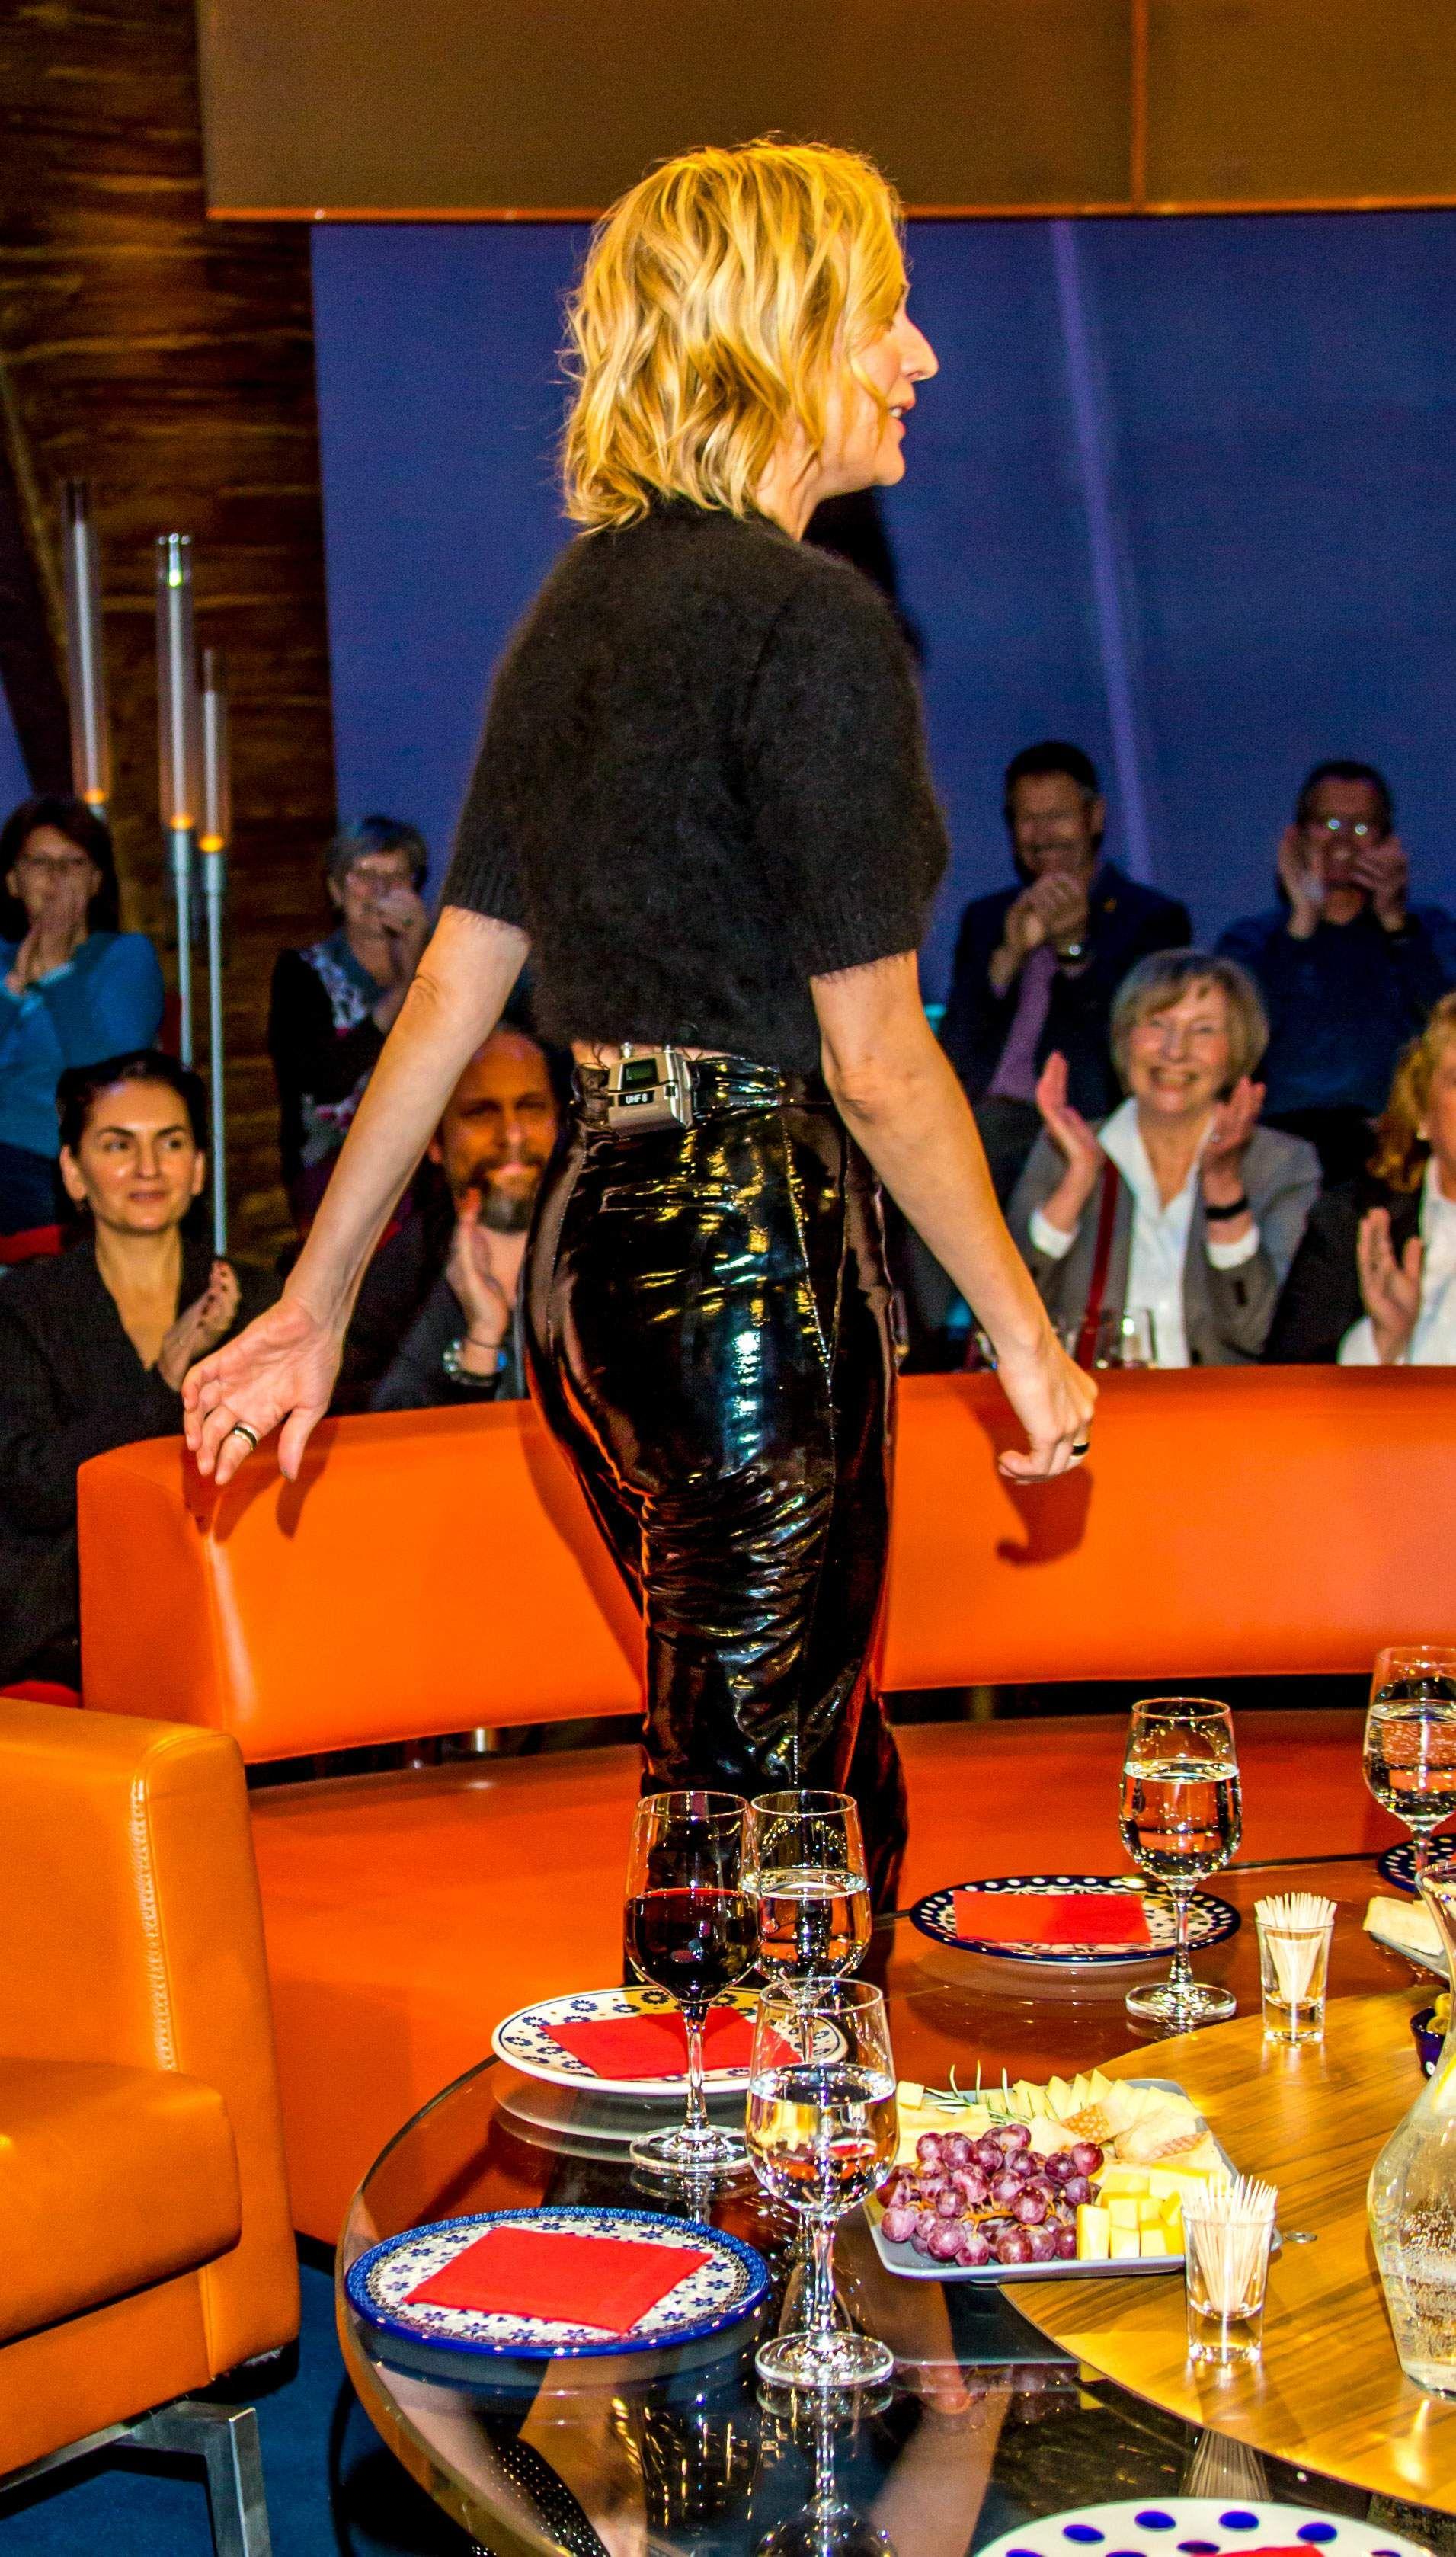 Diane Kruger Attends The Ndr Talkshow